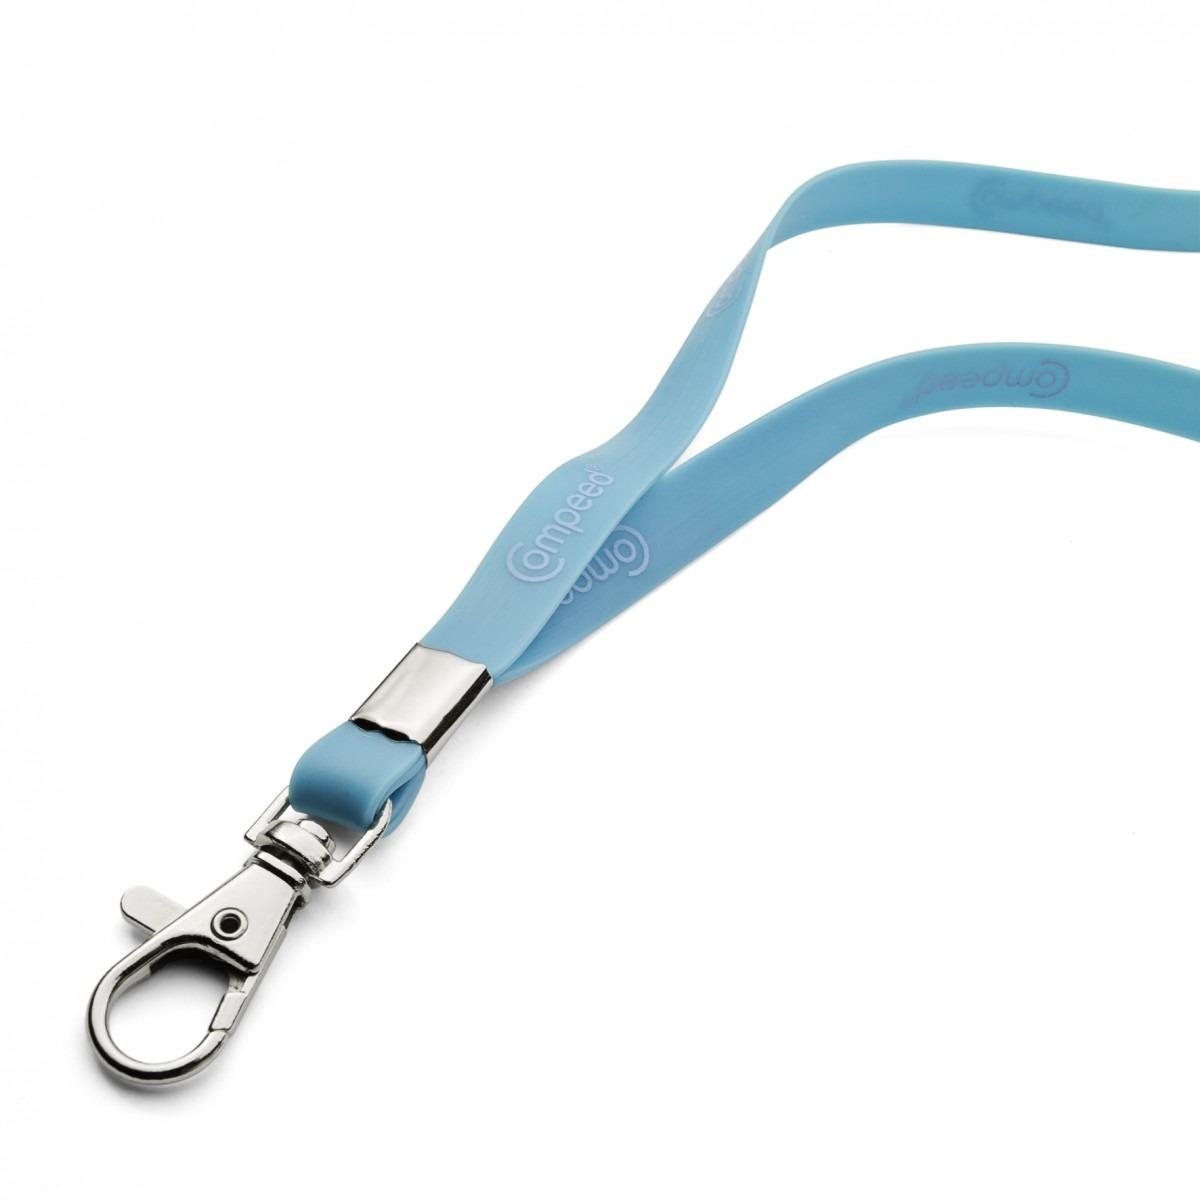 Omtyckta Softlan nyckelhållare - nyckelband till billigt pris! QS-74